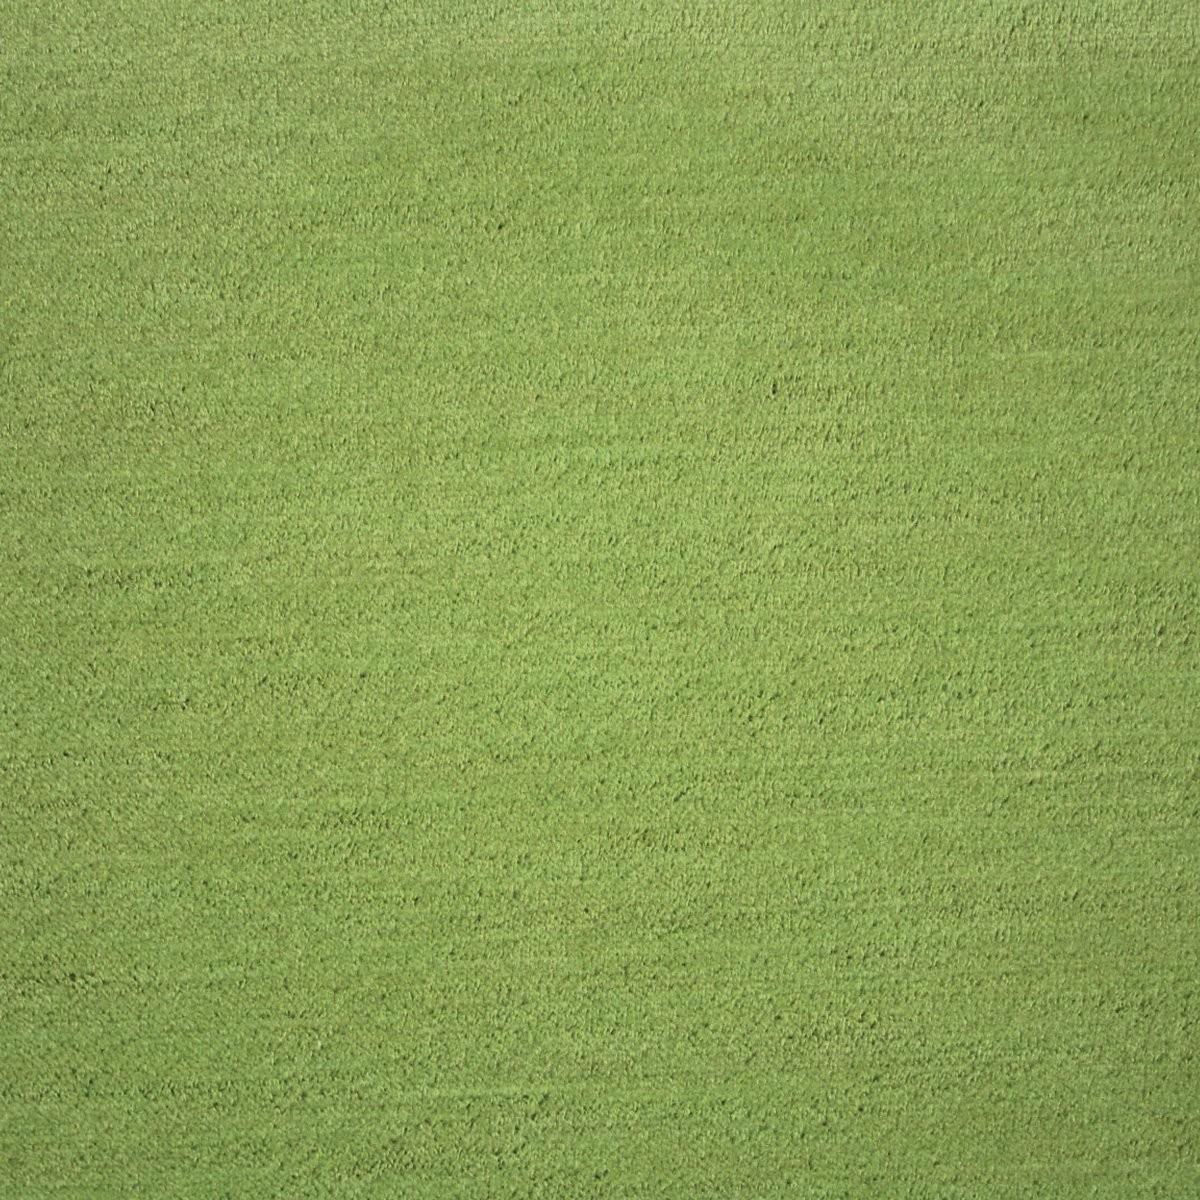 GENTLE GREEN 13O645